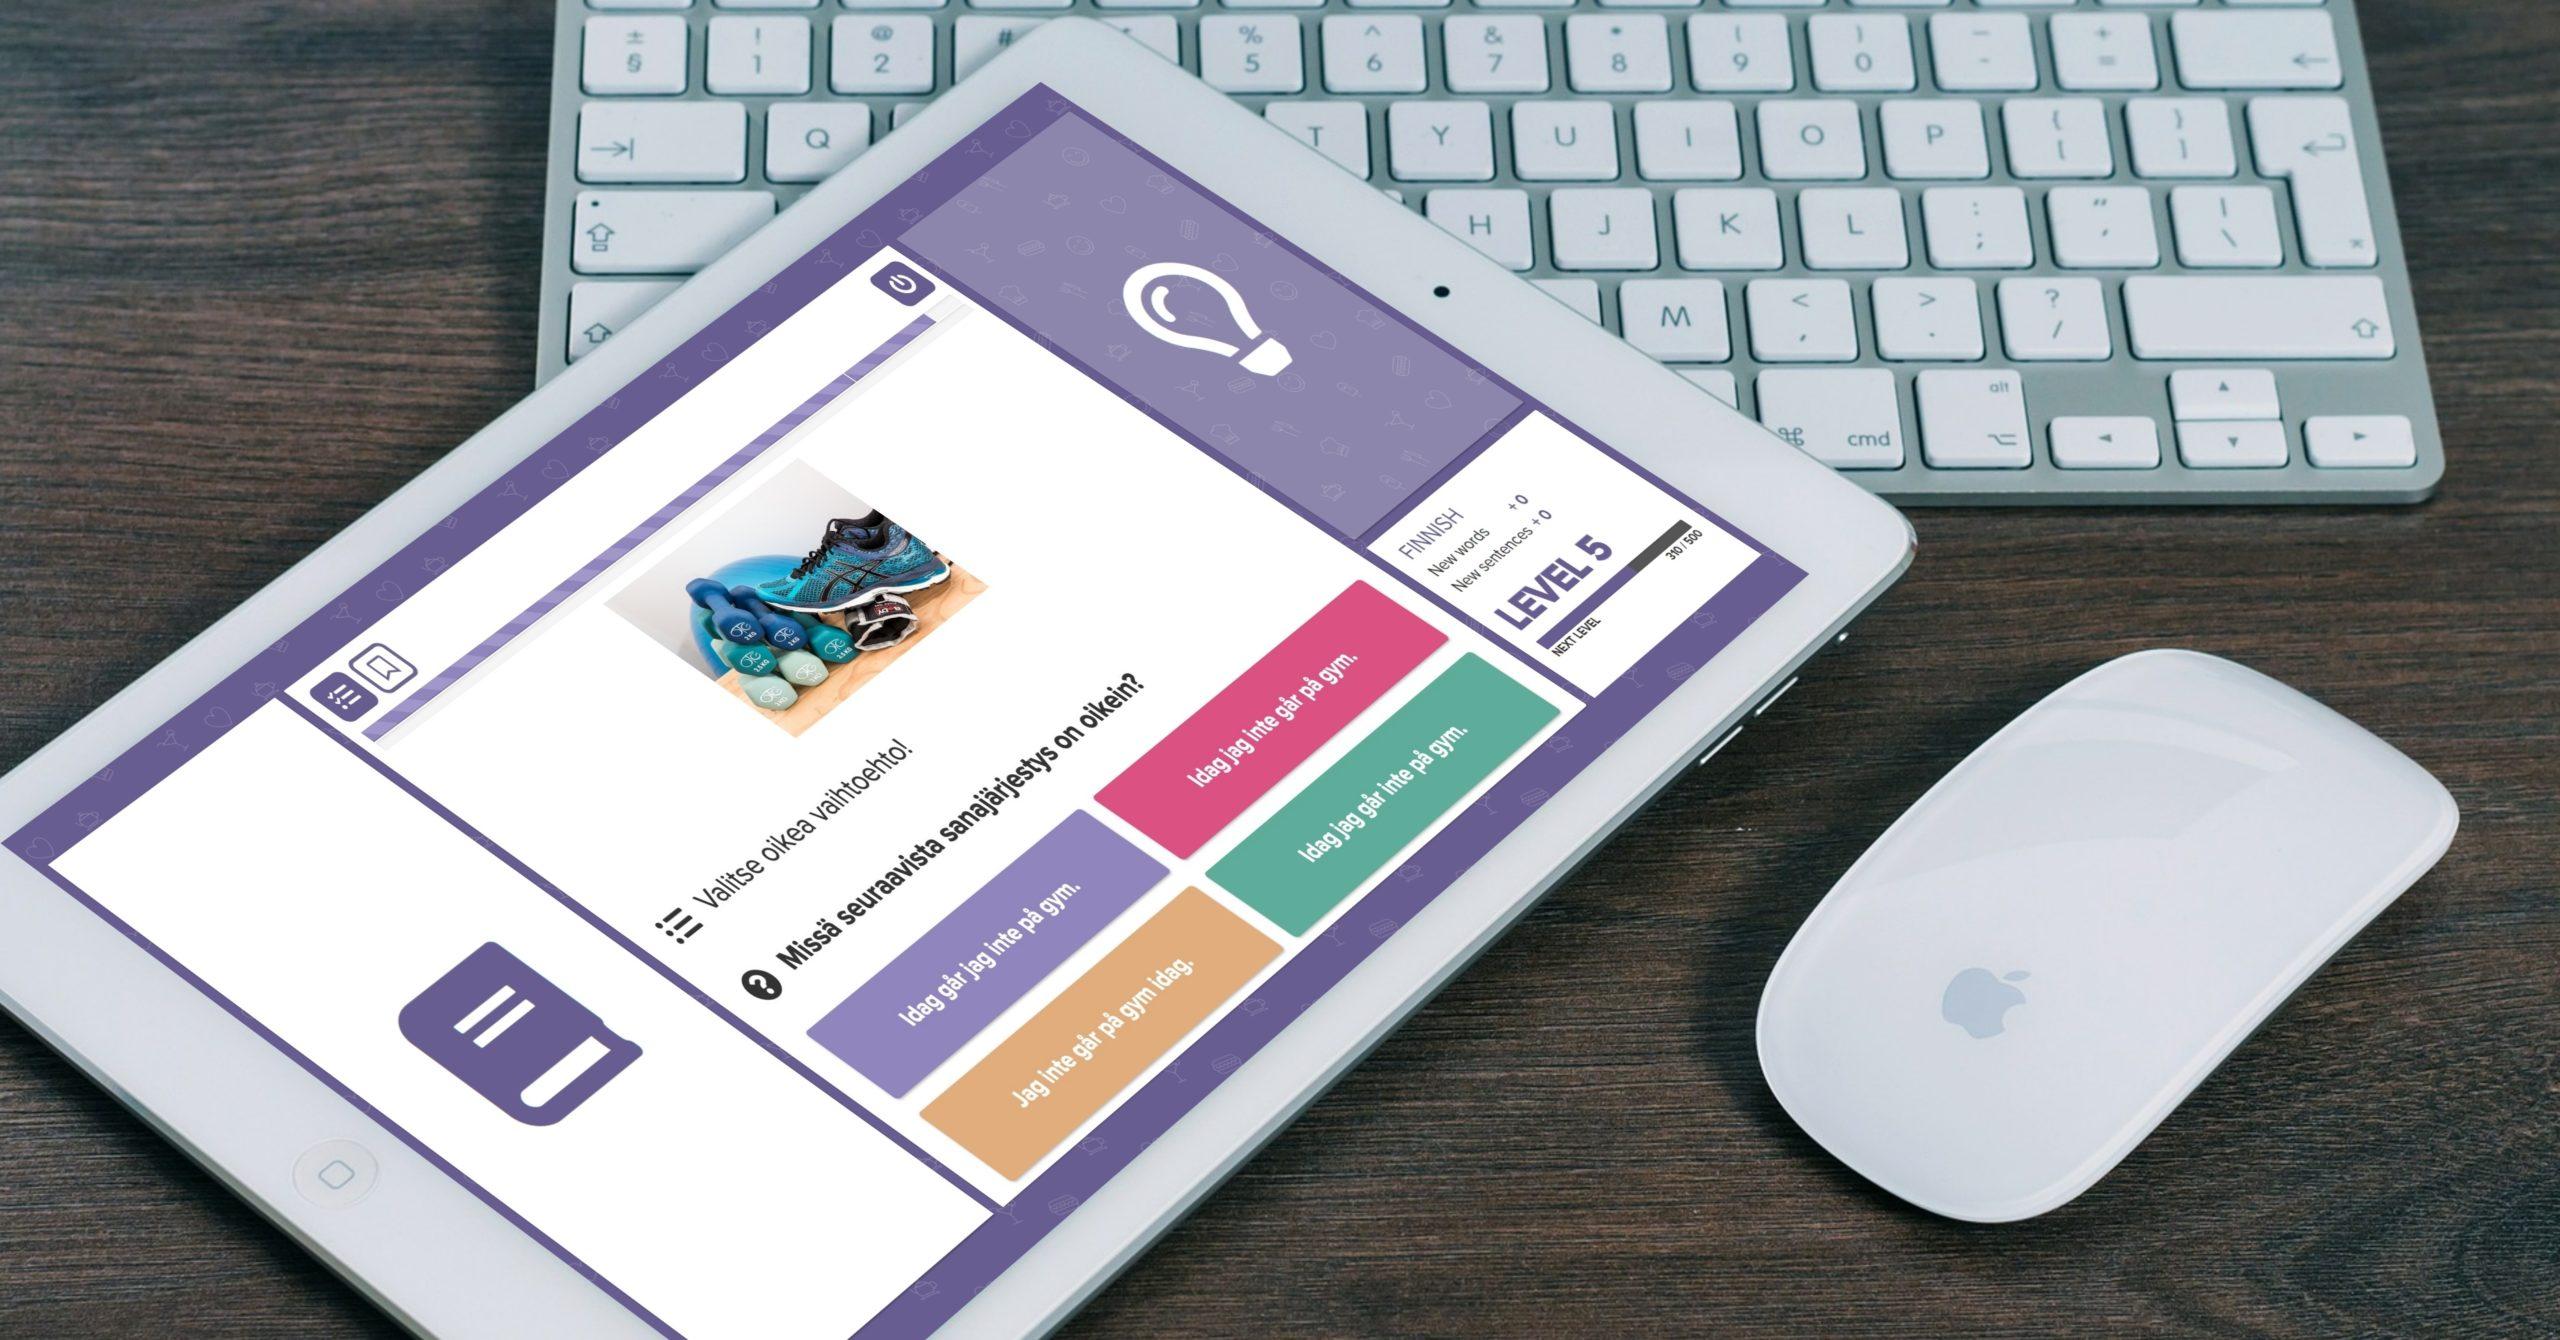 Reactored-plateforme-d-enseignement-des-langues-sur-tablette